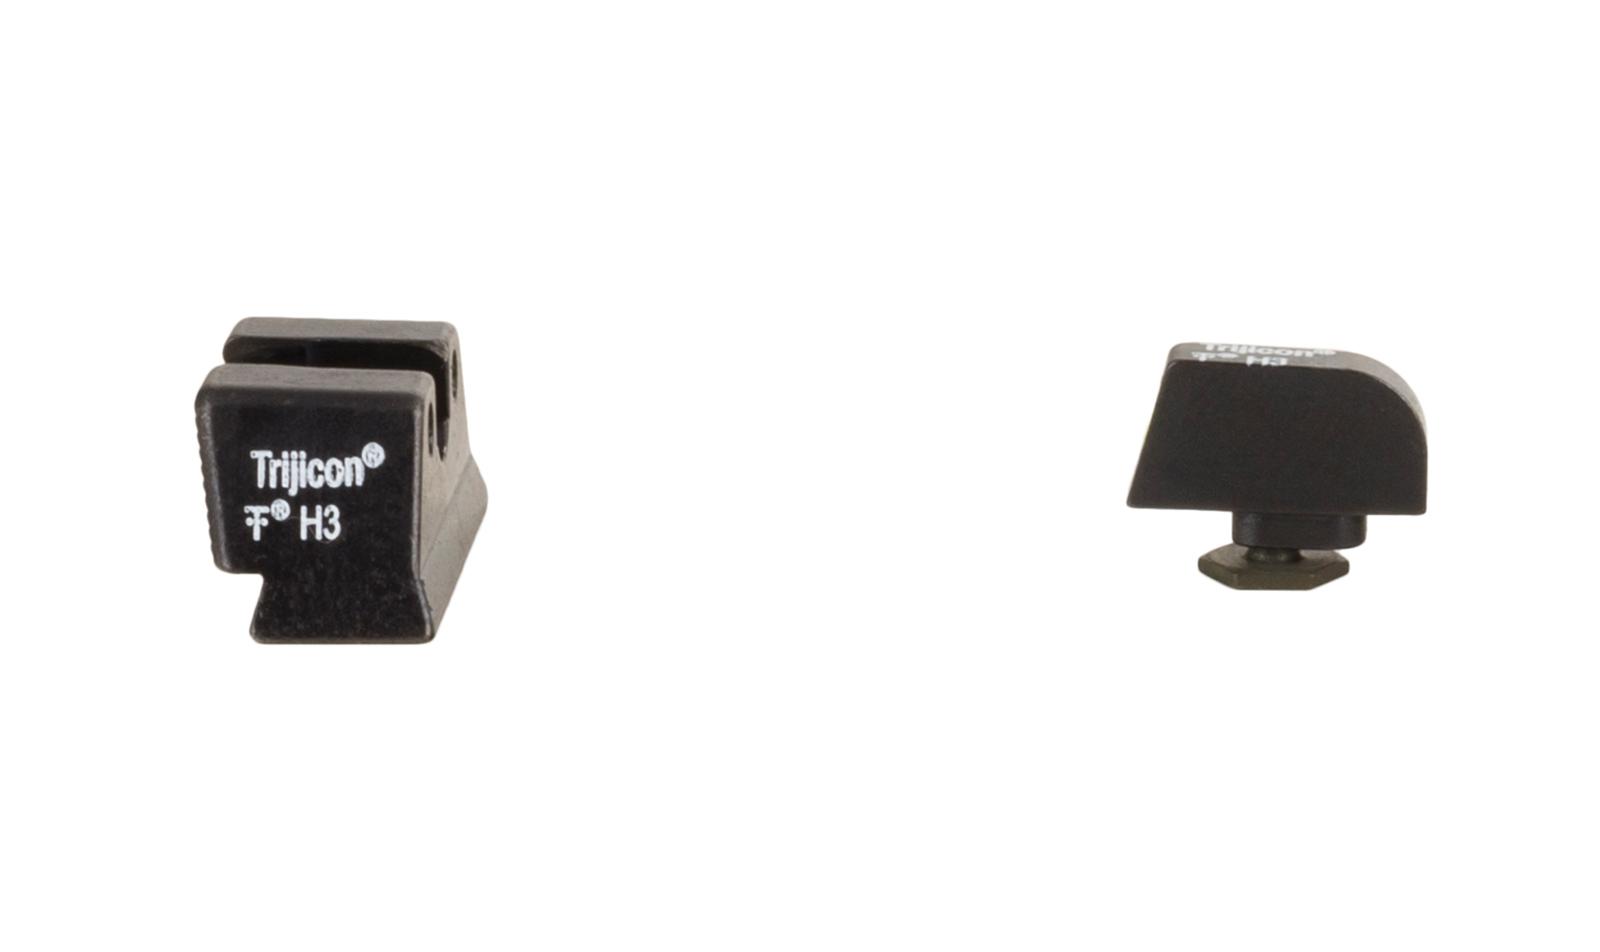 GL614-C-601091 angle 2